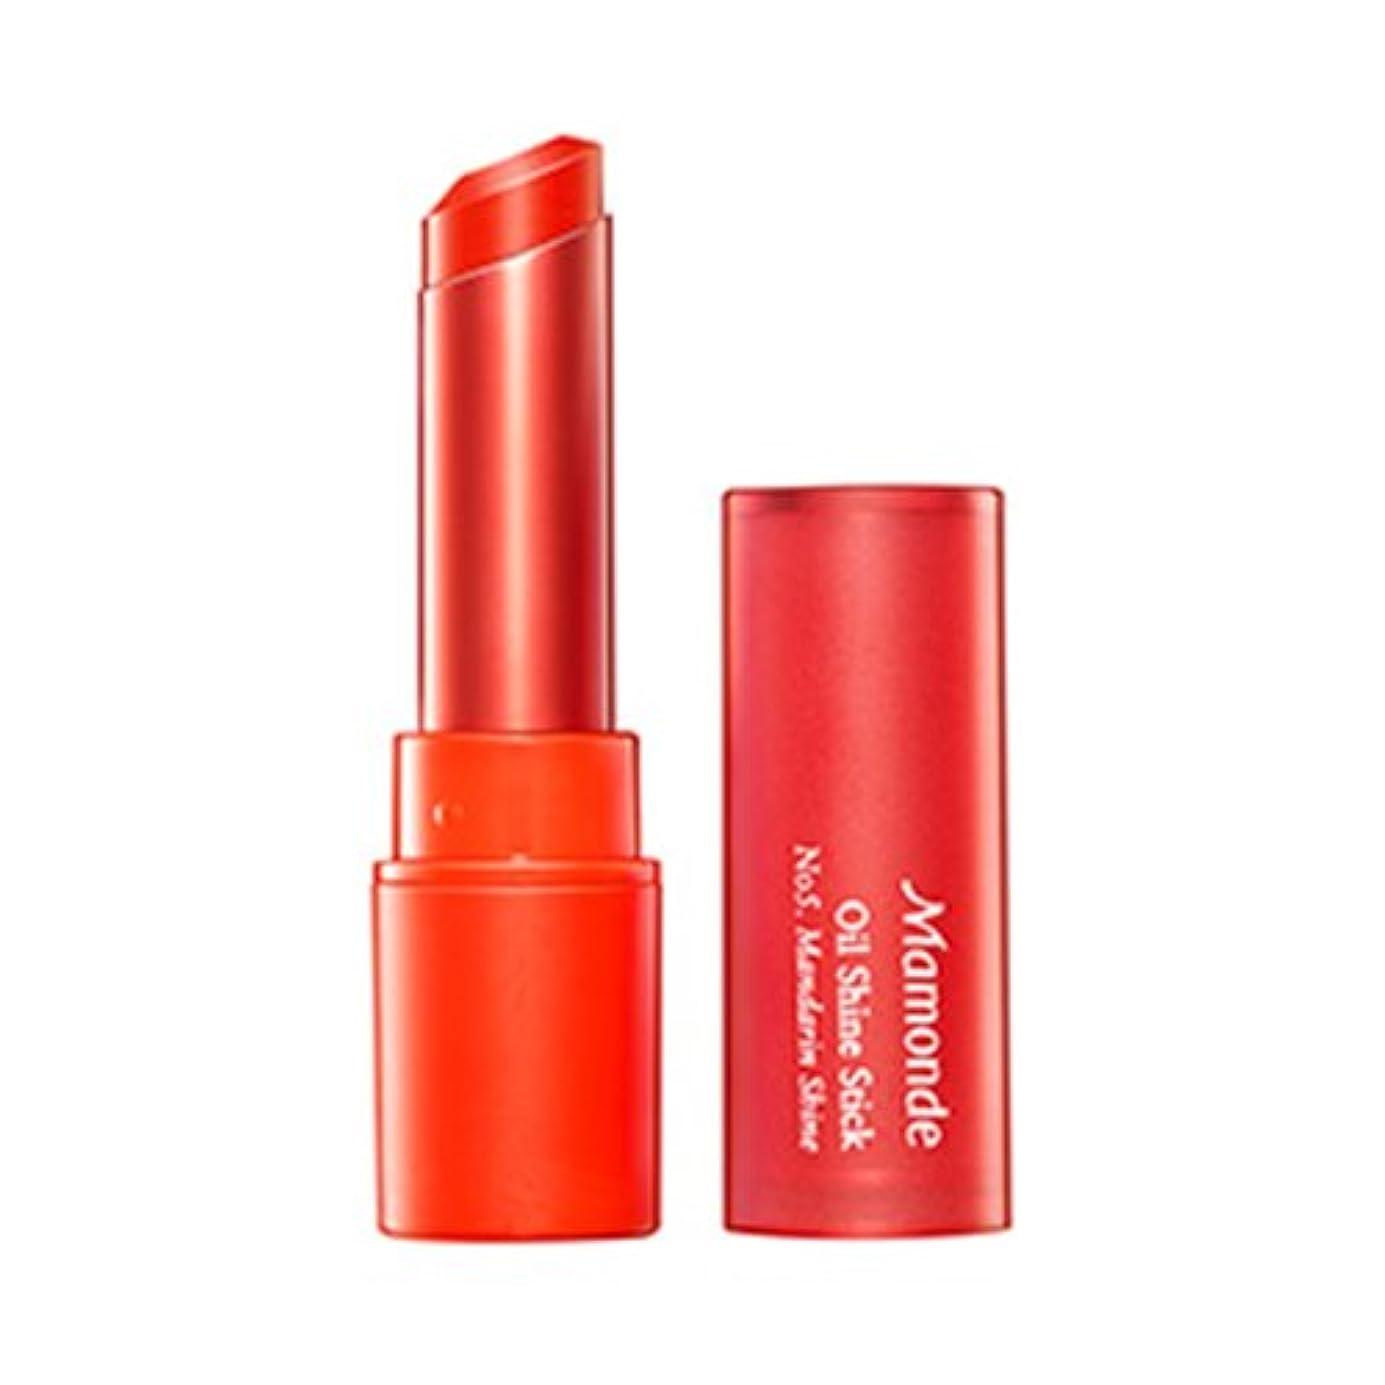 から聞く靴下警官[New] Mamonde Oil Shine Stick 3.4g/マモンド オイル シャイン スティック 3.4g (#5 Mandarine Shine) [並行輸入品]